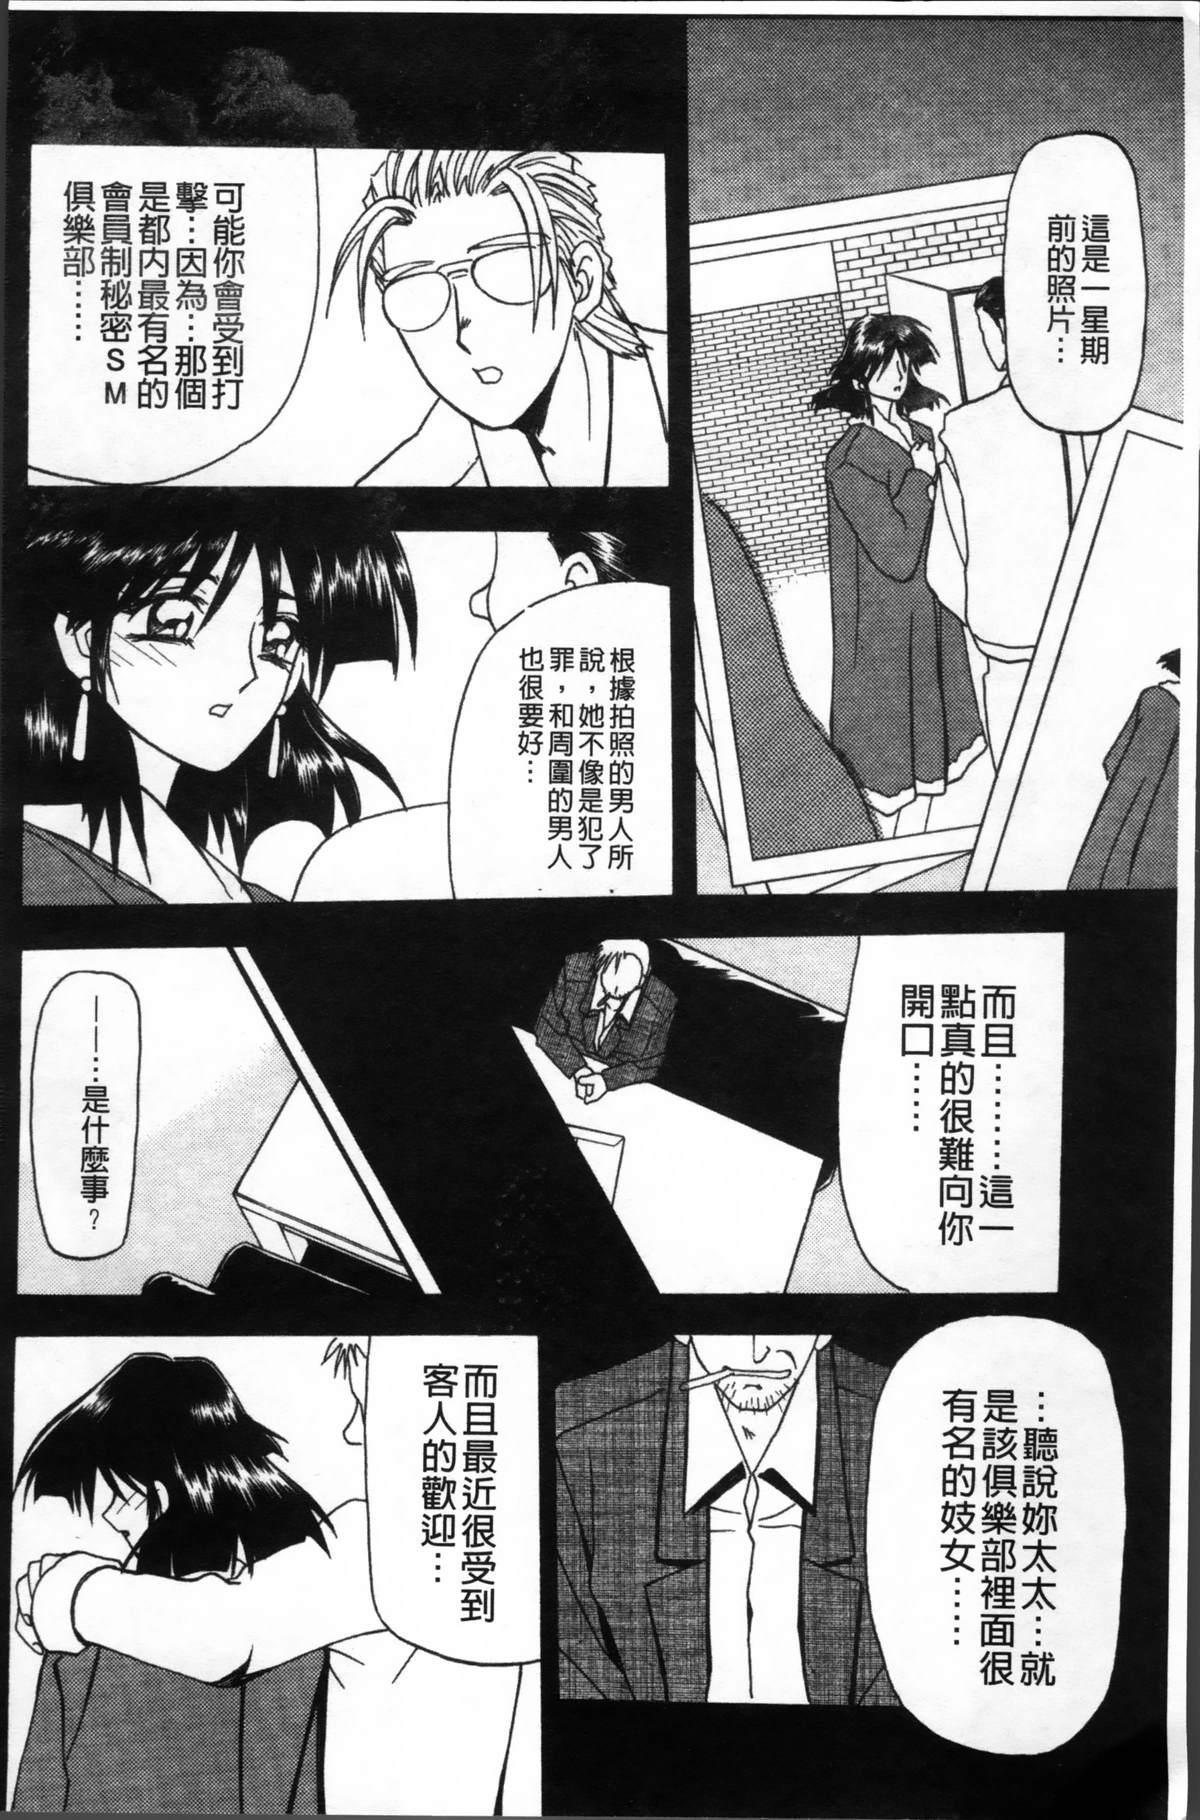 Hiiro no Koku Kanzenban   緋色之刻 完全版 259